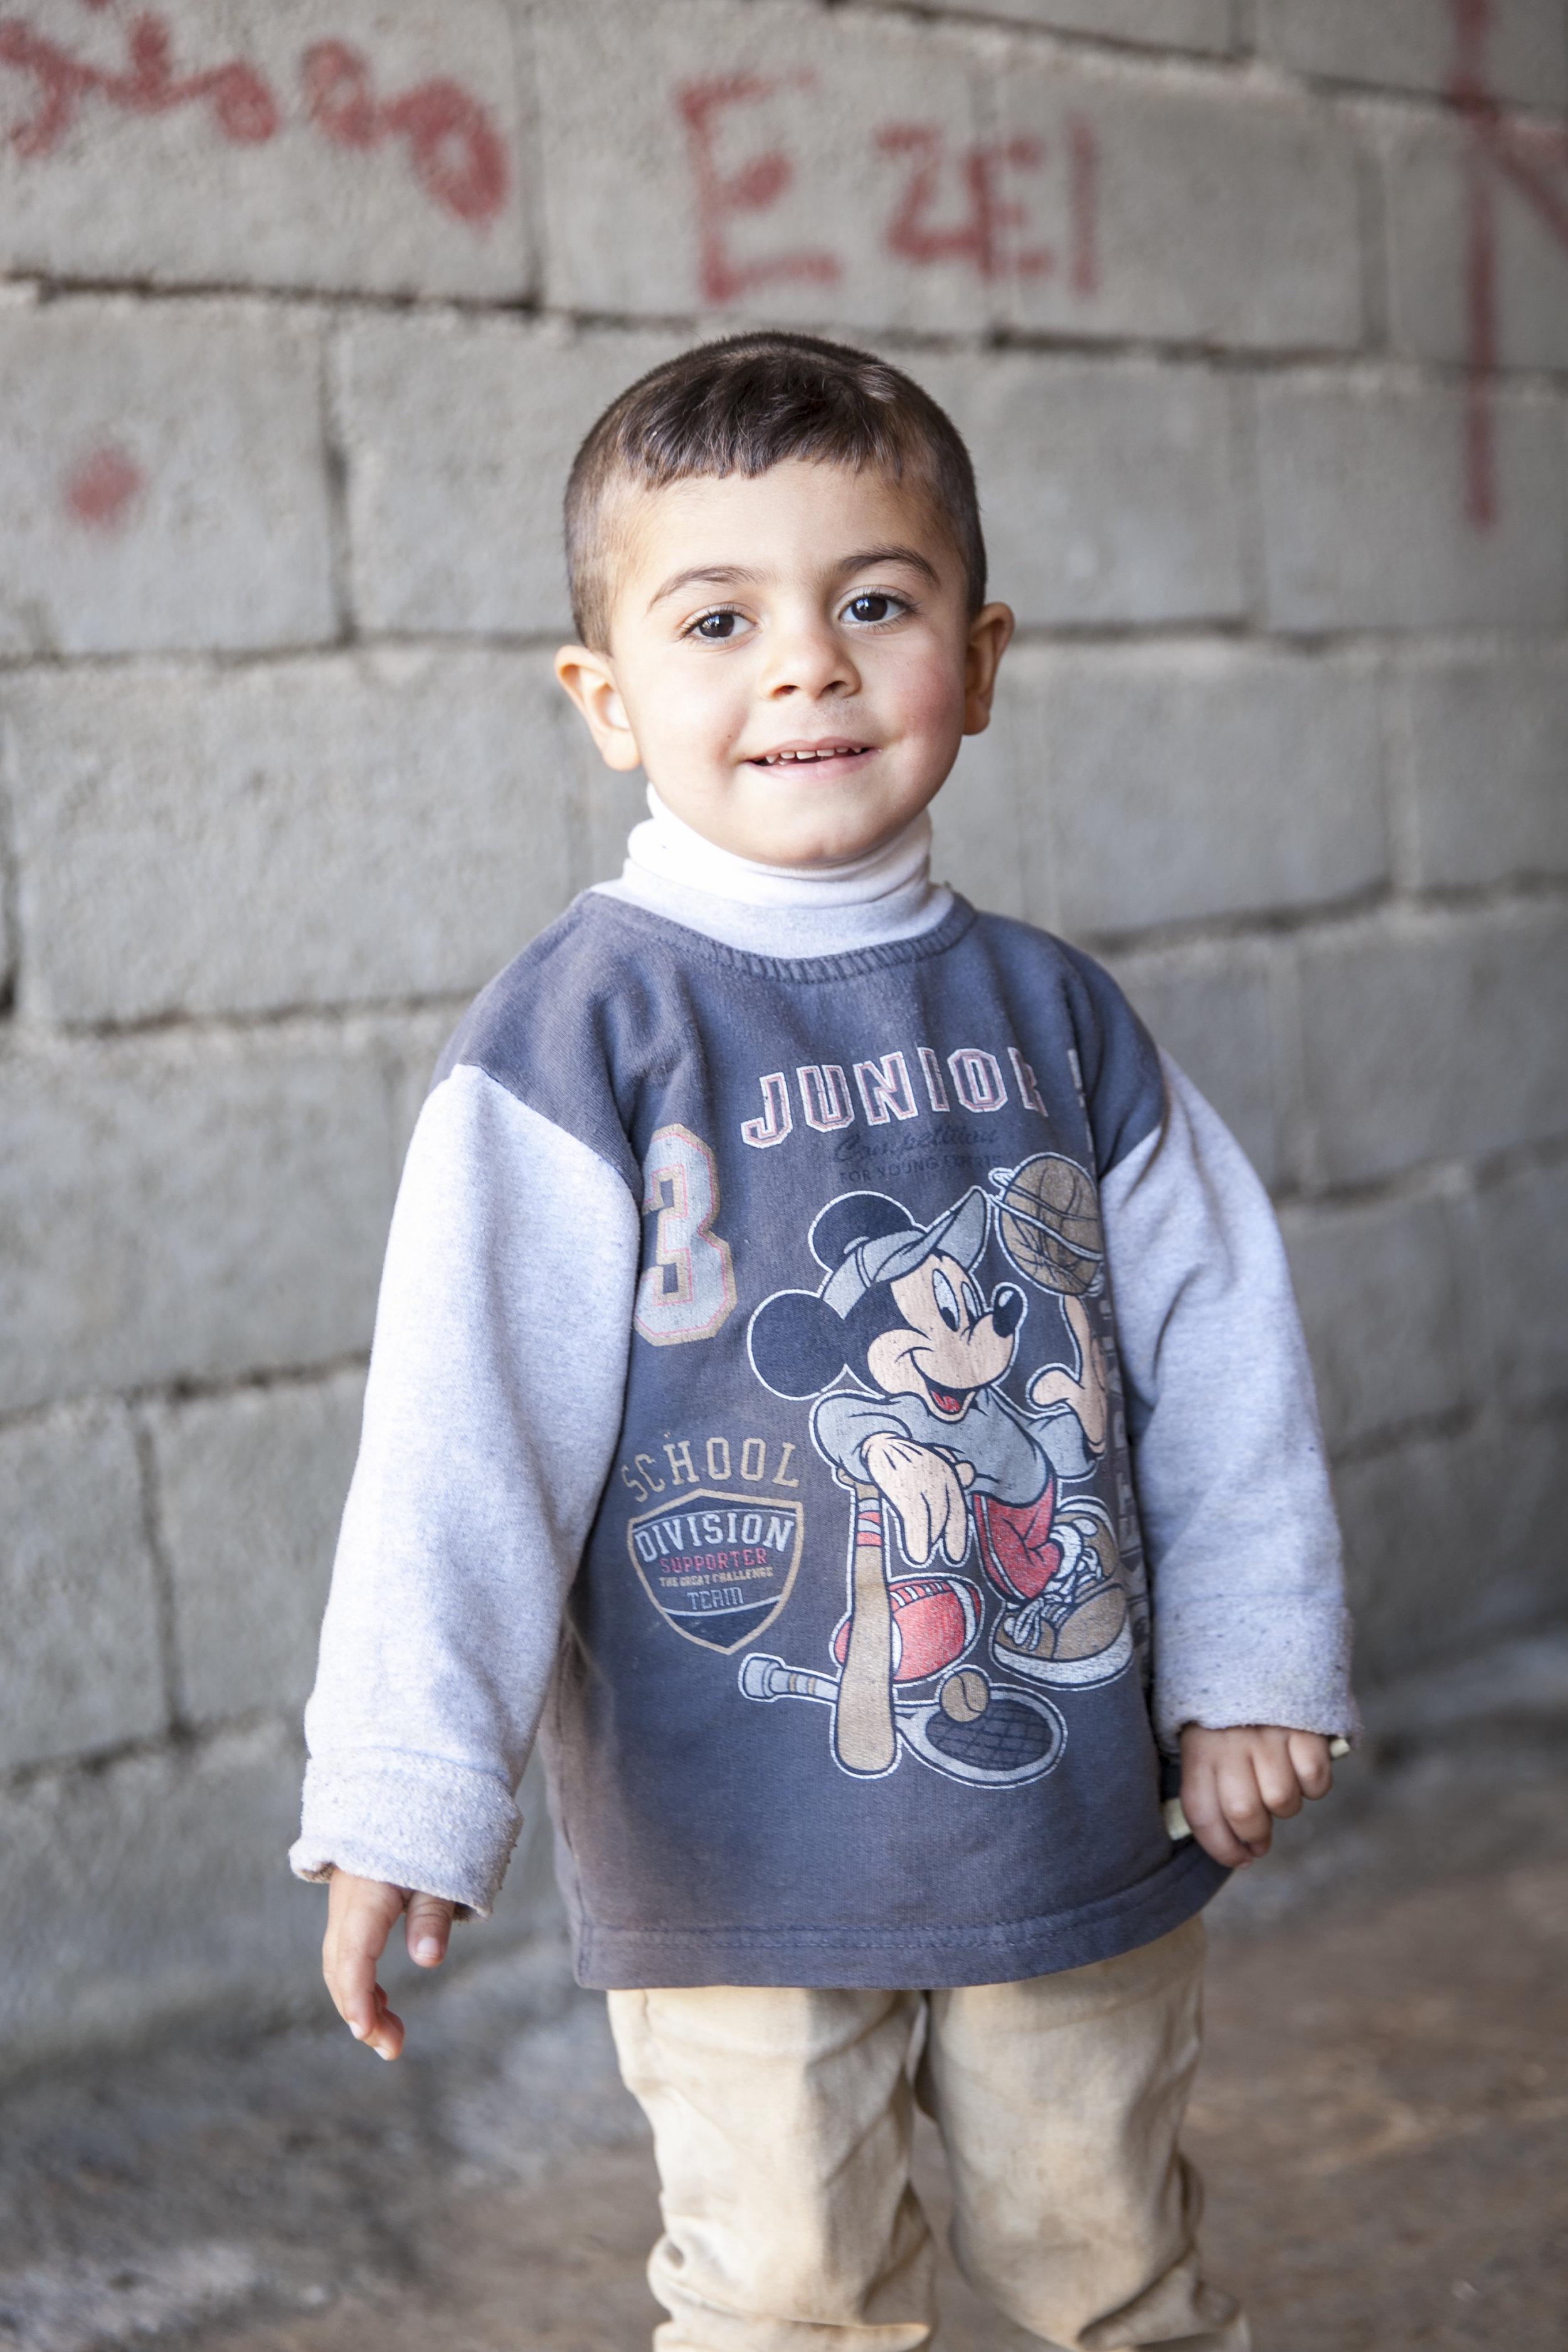 20141205_Refugee_GH_0310.jpg